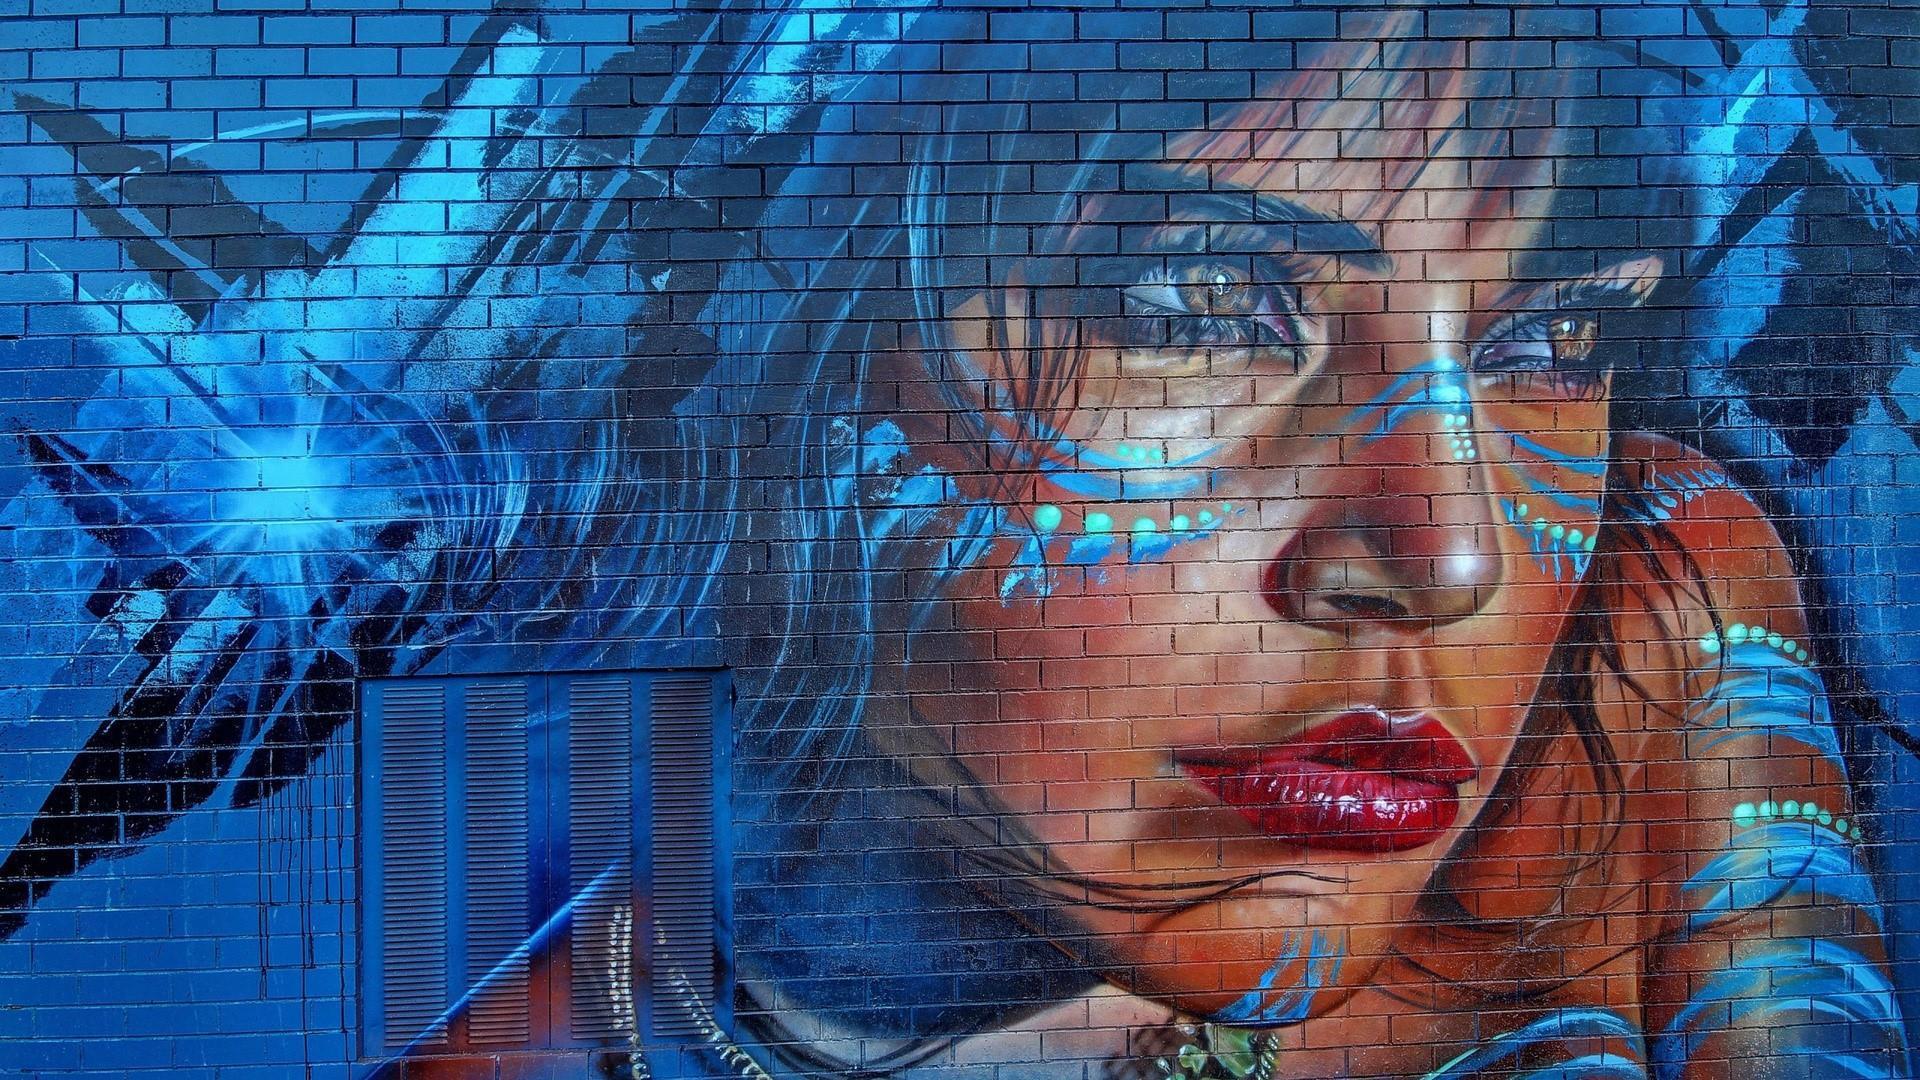 Street Art Wallpapers Top Free Street Art Backgrounds